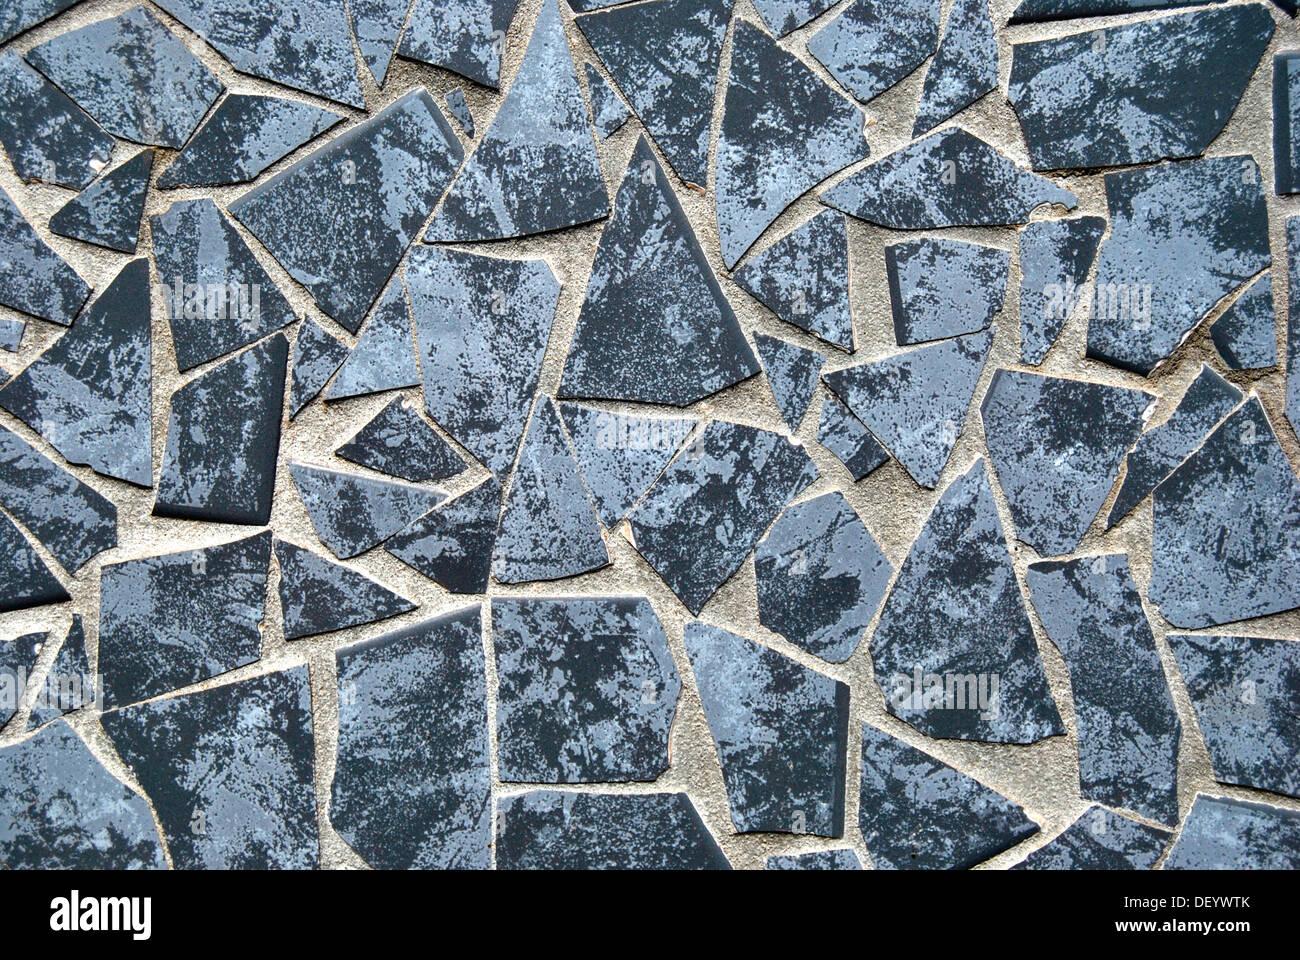 Mosaico di piastrelle rotte in colore blu foto immagine - Piastrelle in stock ...